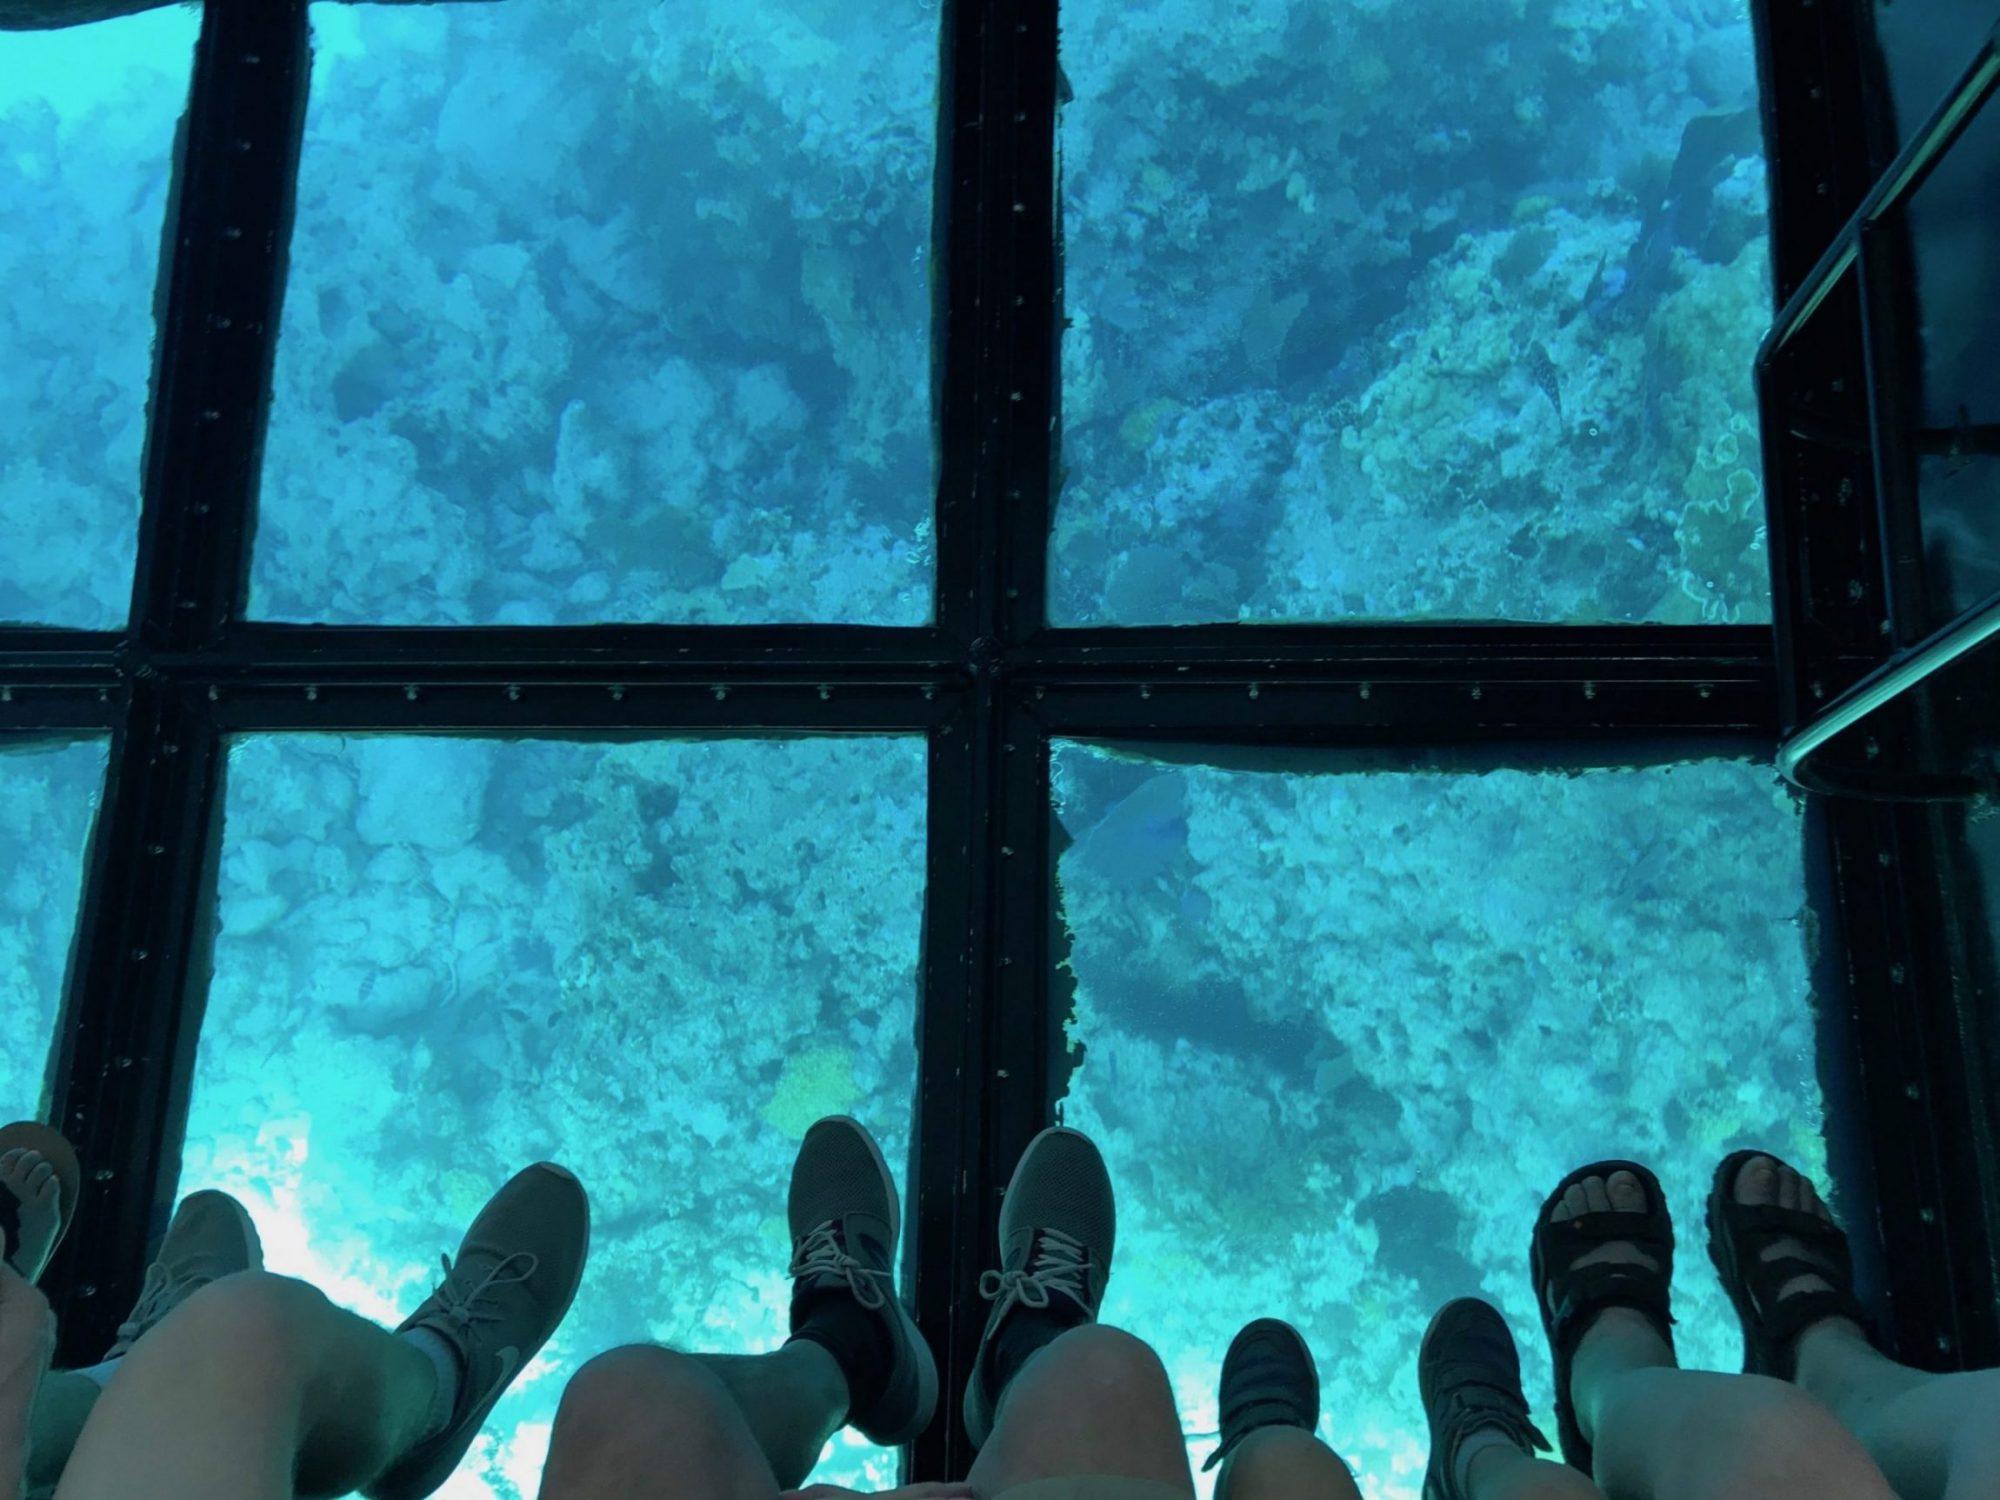 famille enfants miami en famille floride key largo bateau a fond de verre barrière de corail john pennekamp miami off road